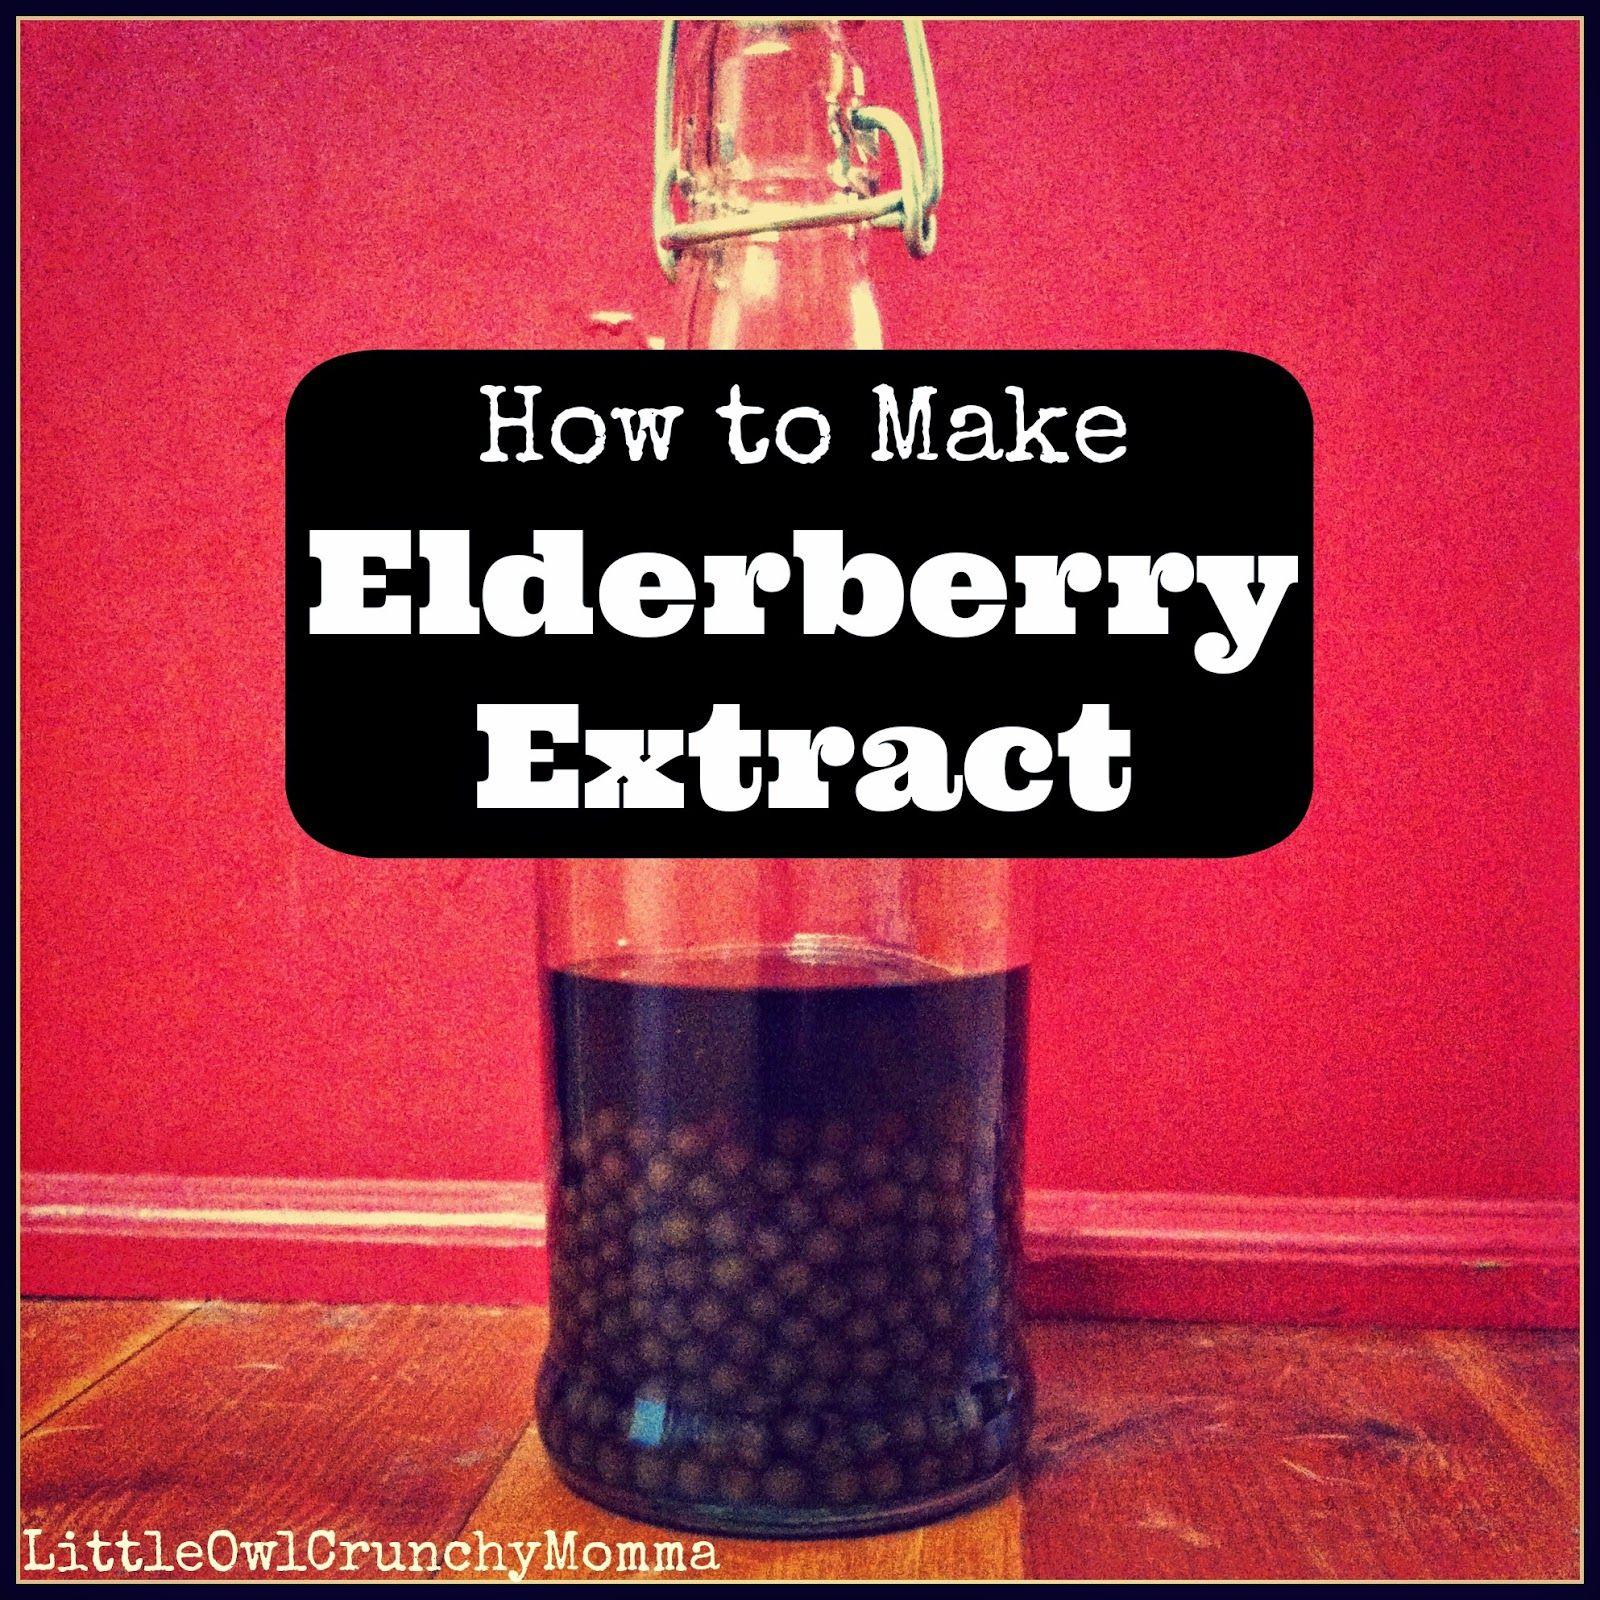 LittleOwlCrunchyMomma How to Make Elderberry Extract or How to Make Elderberry Tincture